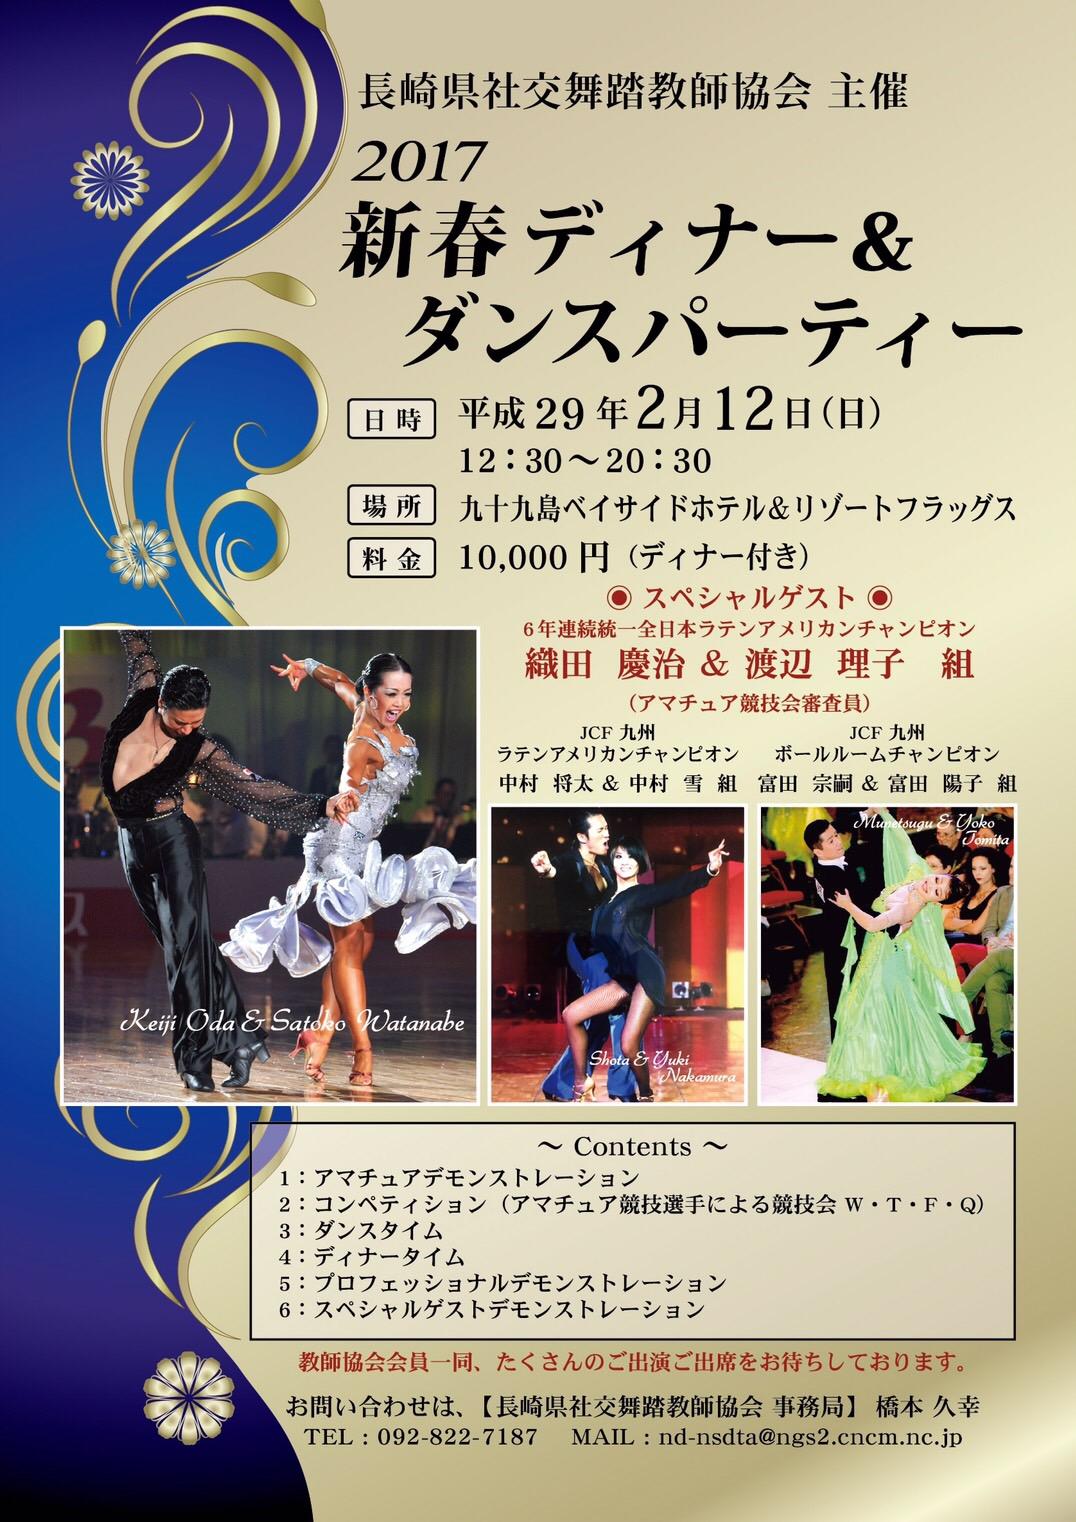 2017新春ディナー&ダンスパーティー